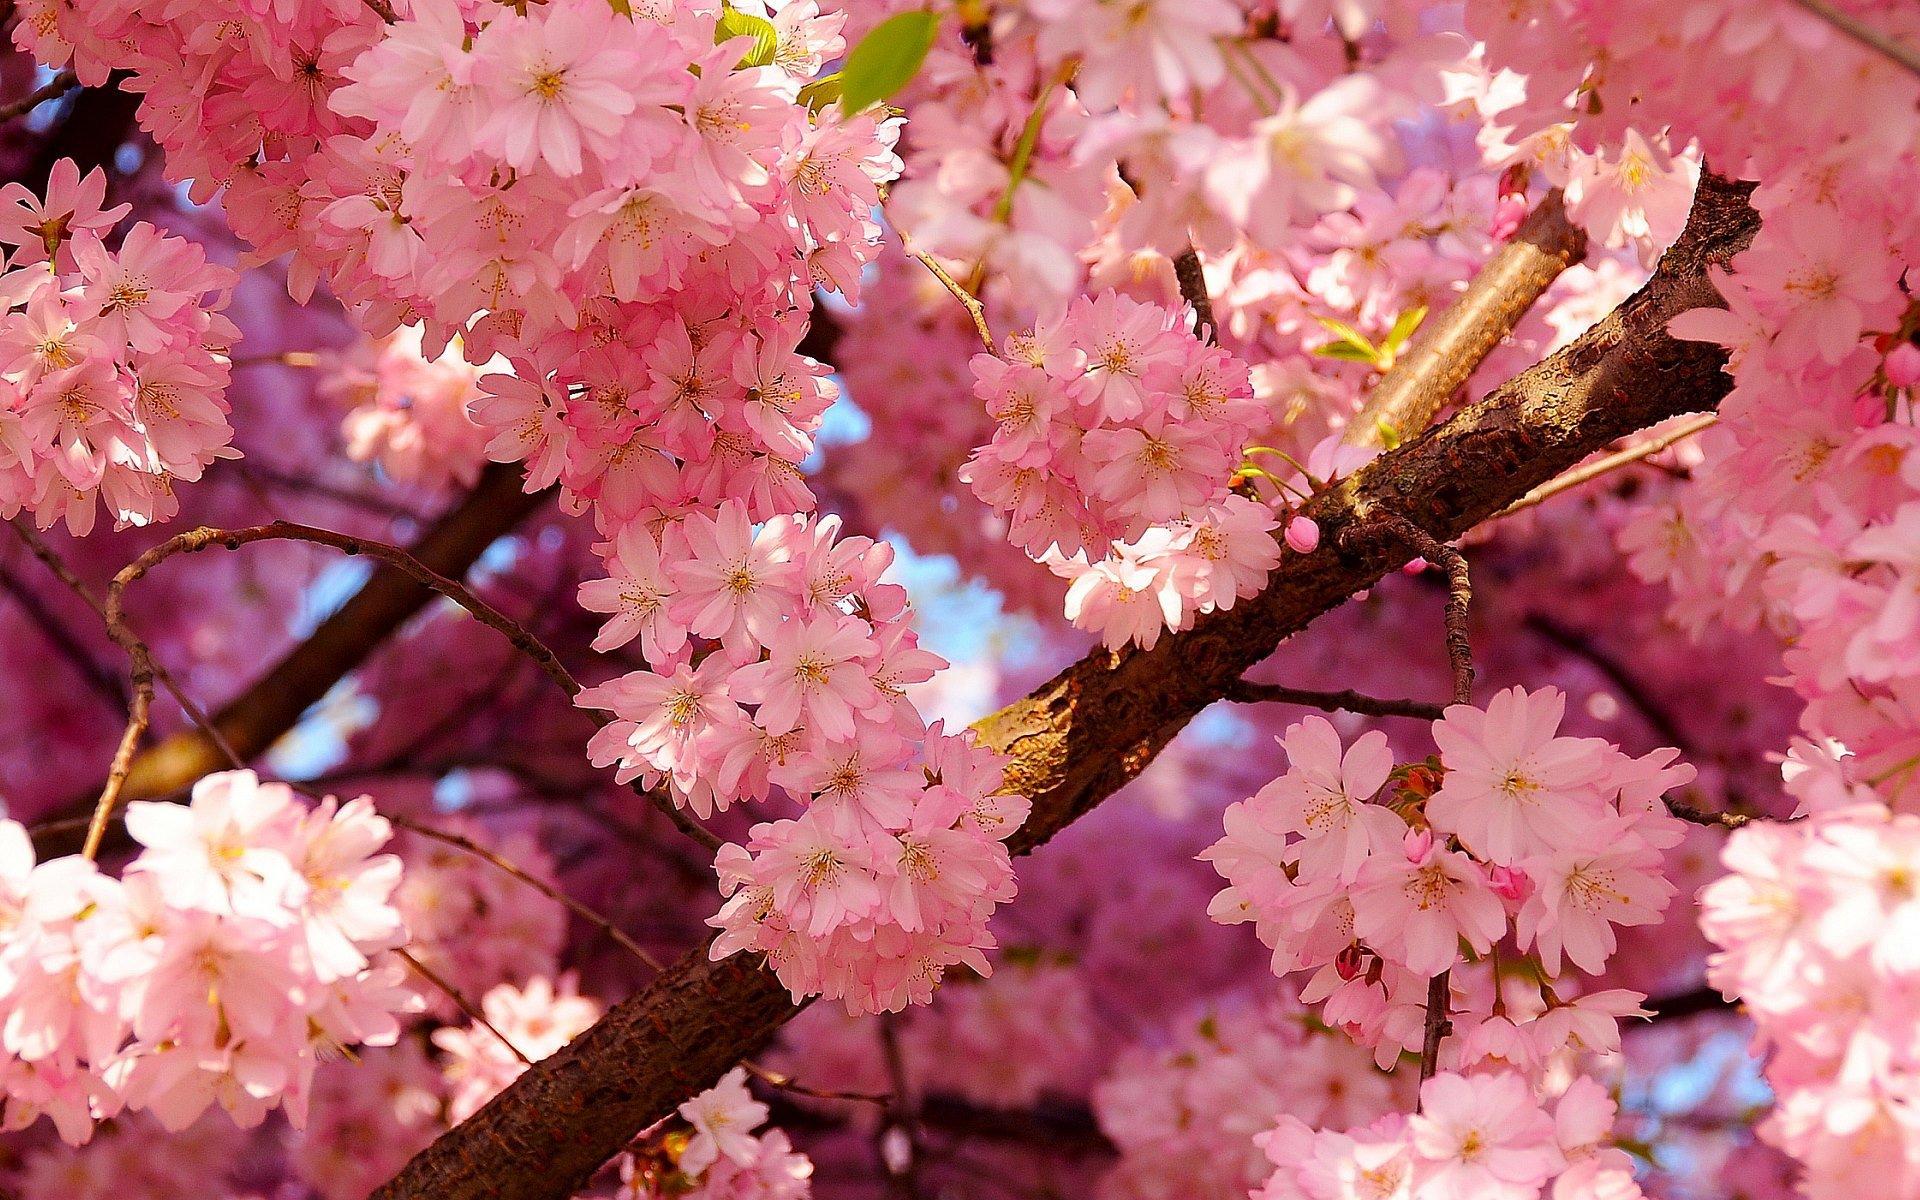 Blossom HD wallpapers, Desktop wallpaper - most viewed